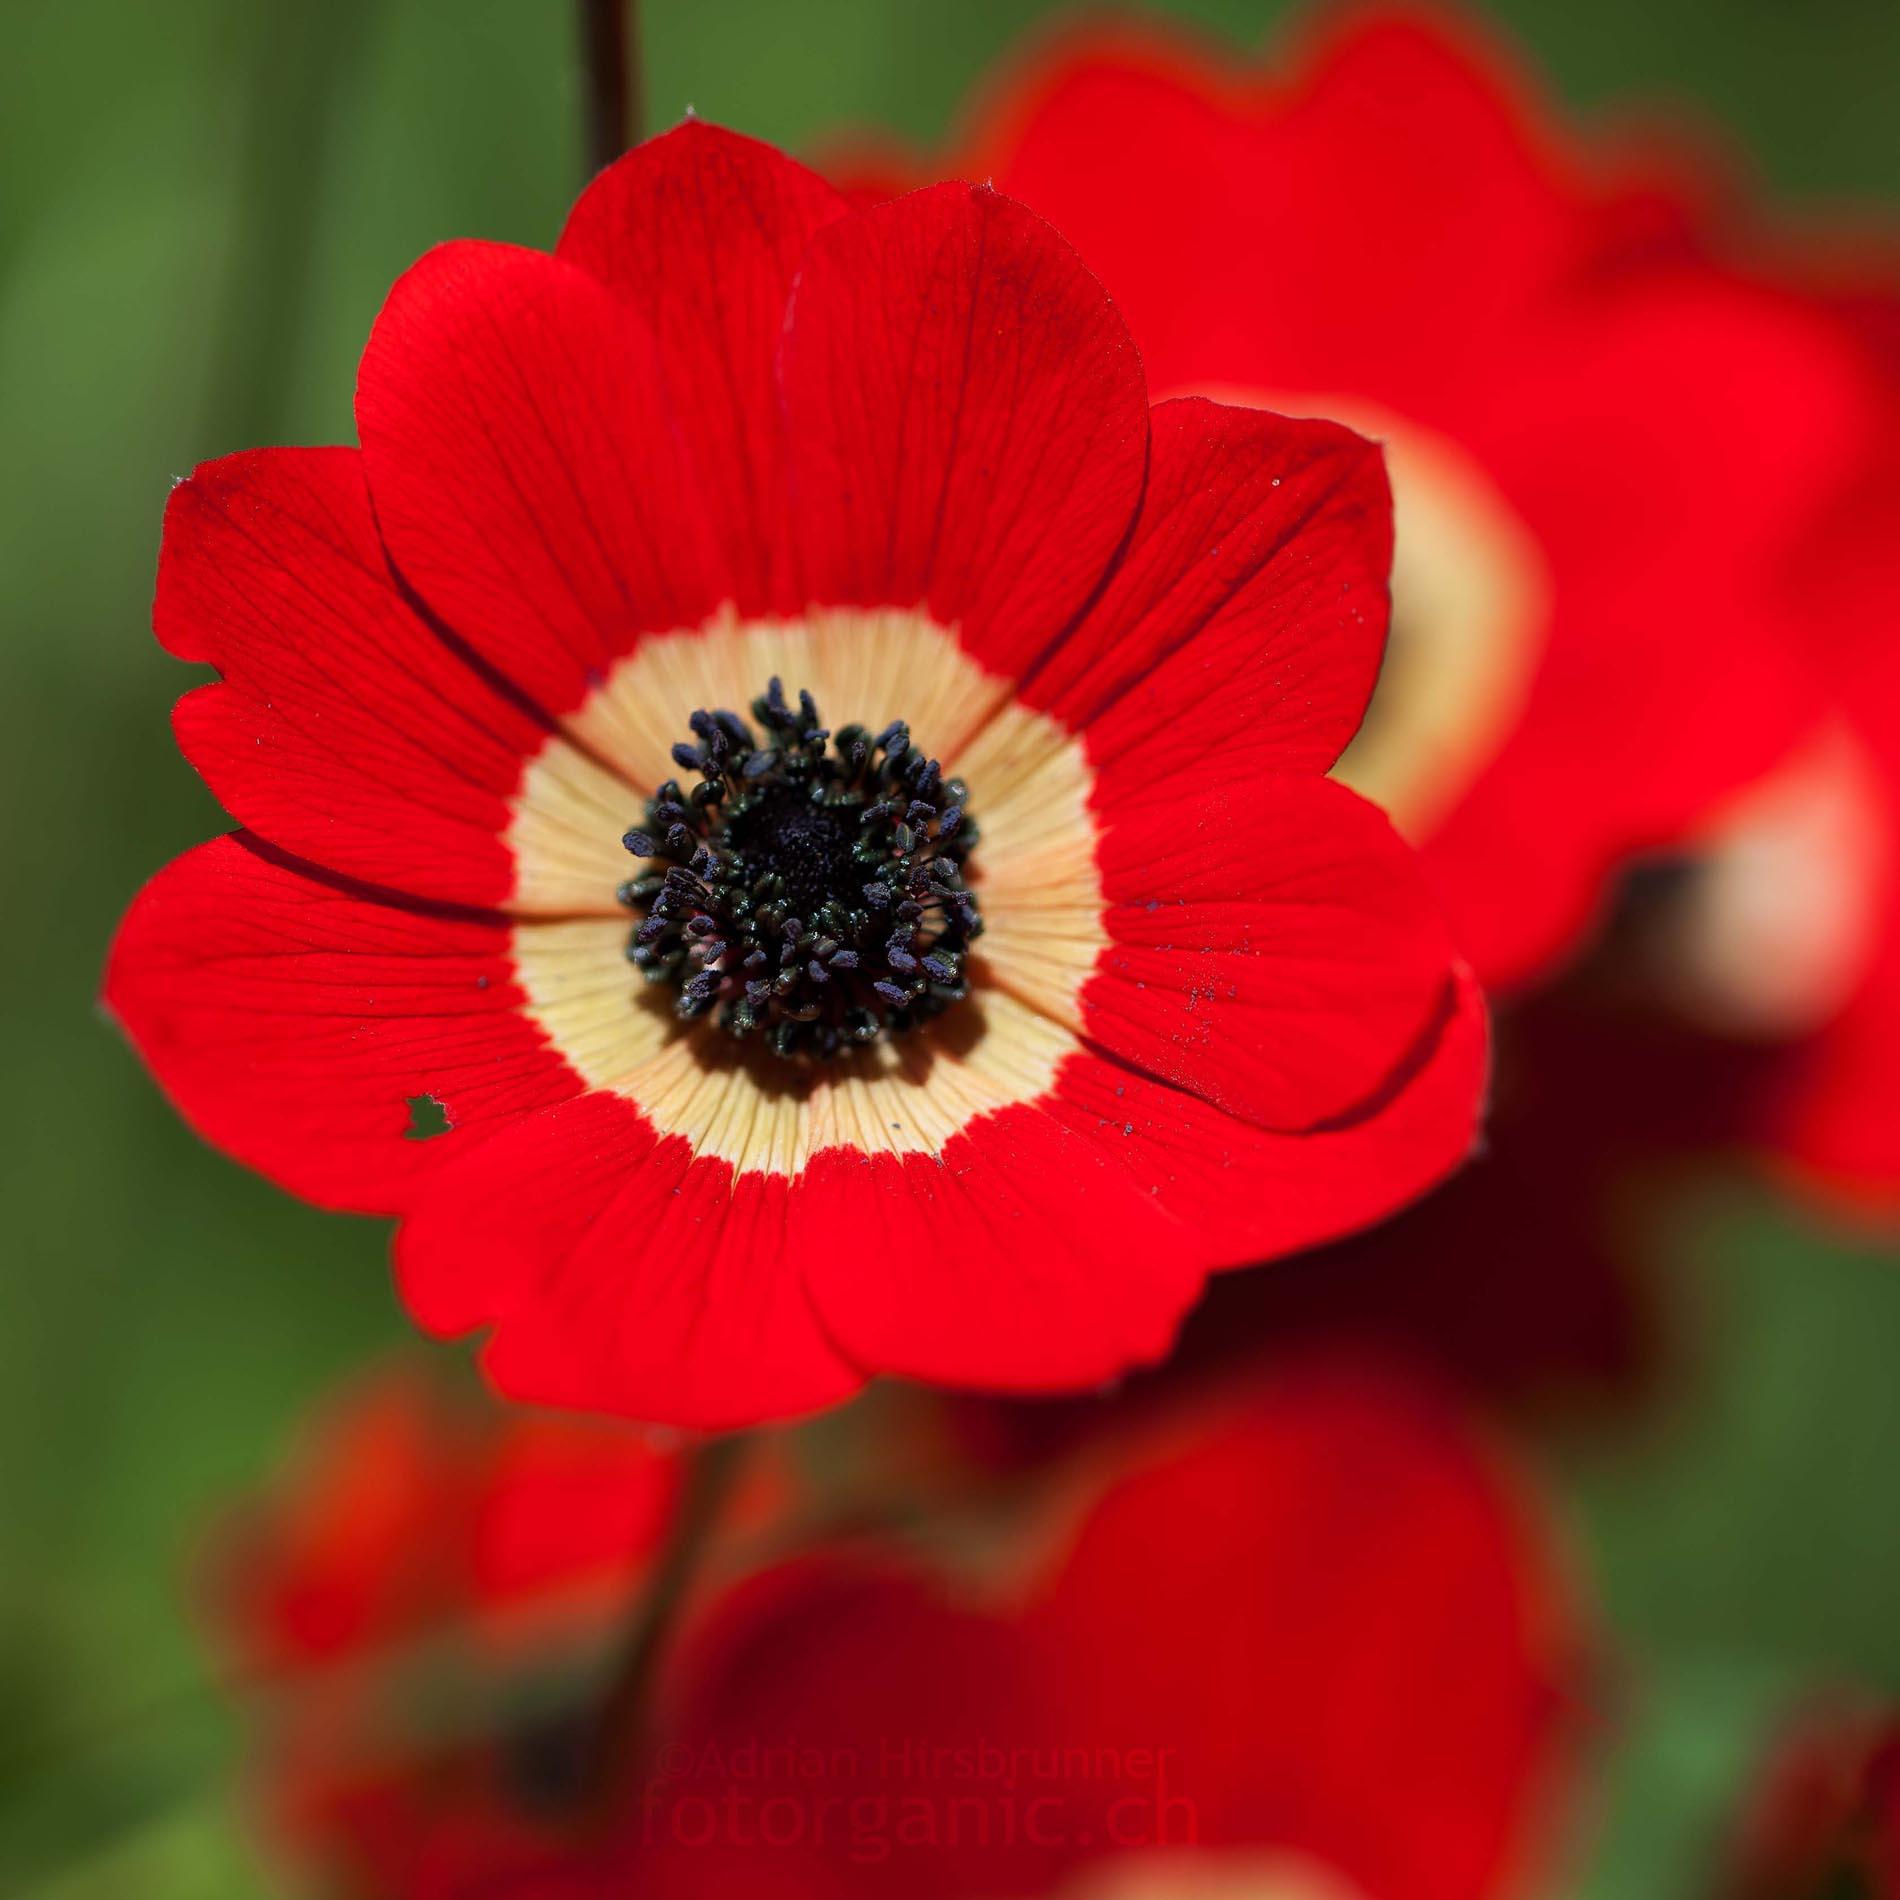 Ungewöhnlich: Ein Exemplar mir zehn Blütenblättern. In der Regel besitzt Anemone coronaria 5-8 Blütenblätter.